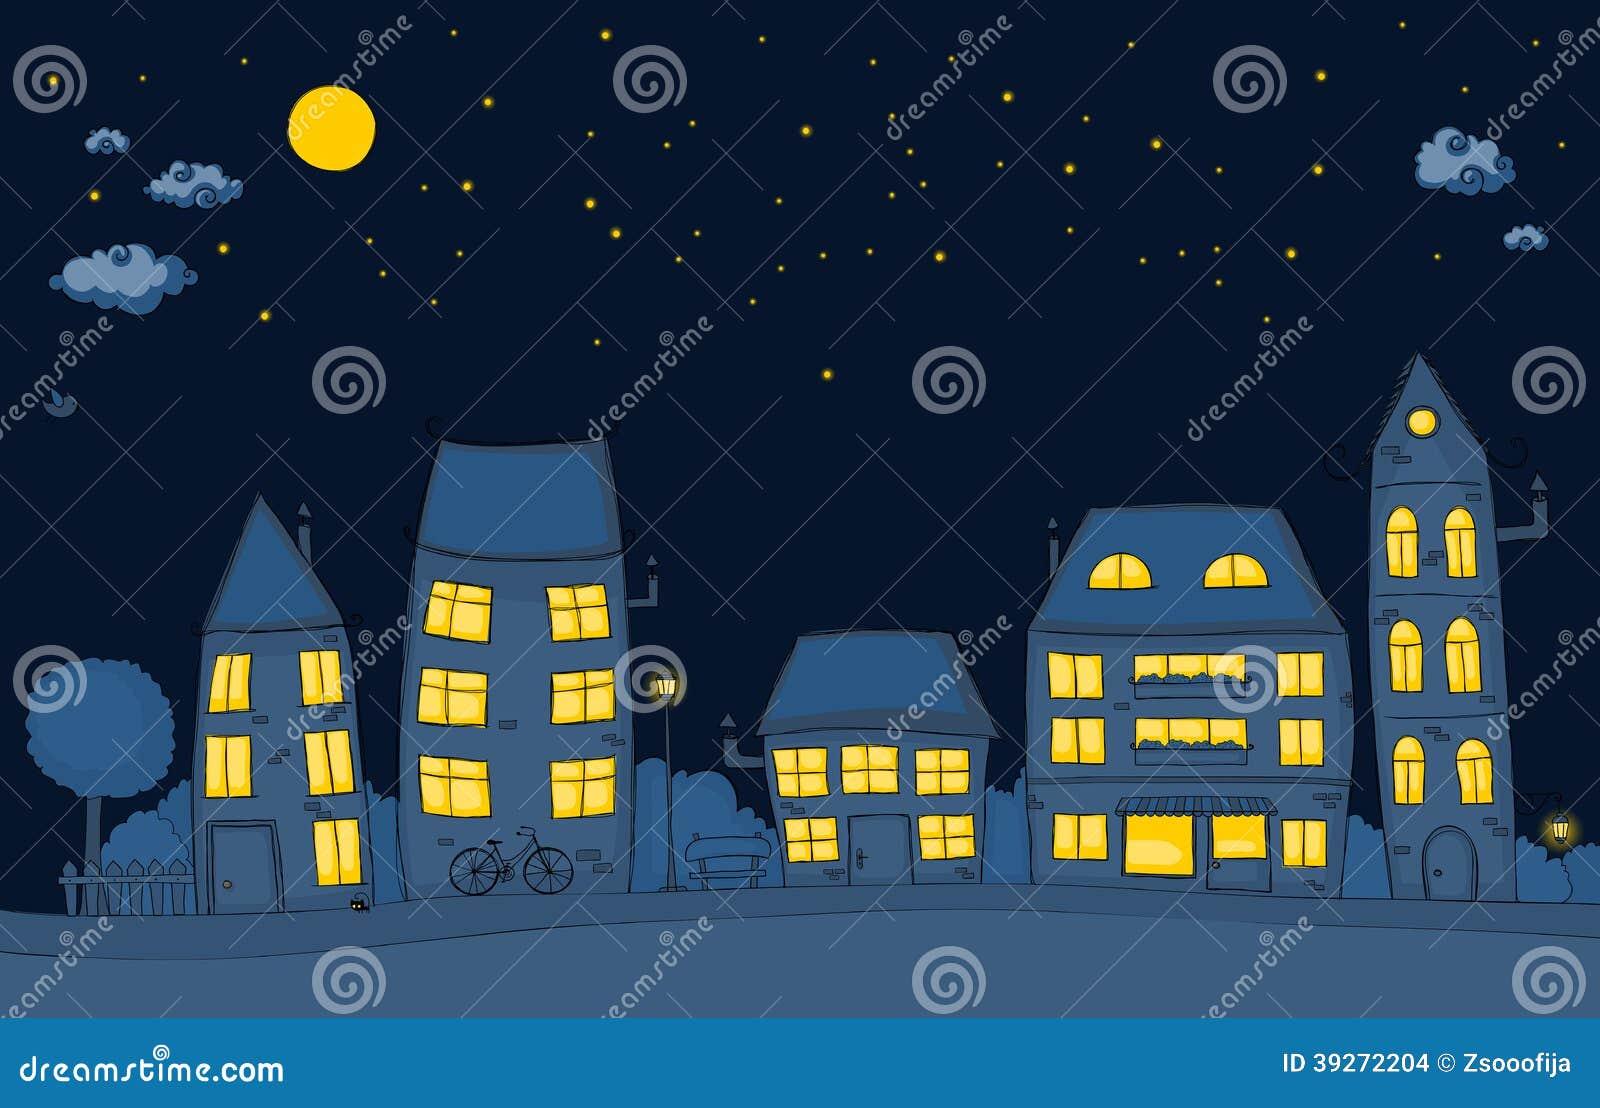 Rua Dos Desenhos Animados Na Noite Ilustracao Do Vetor